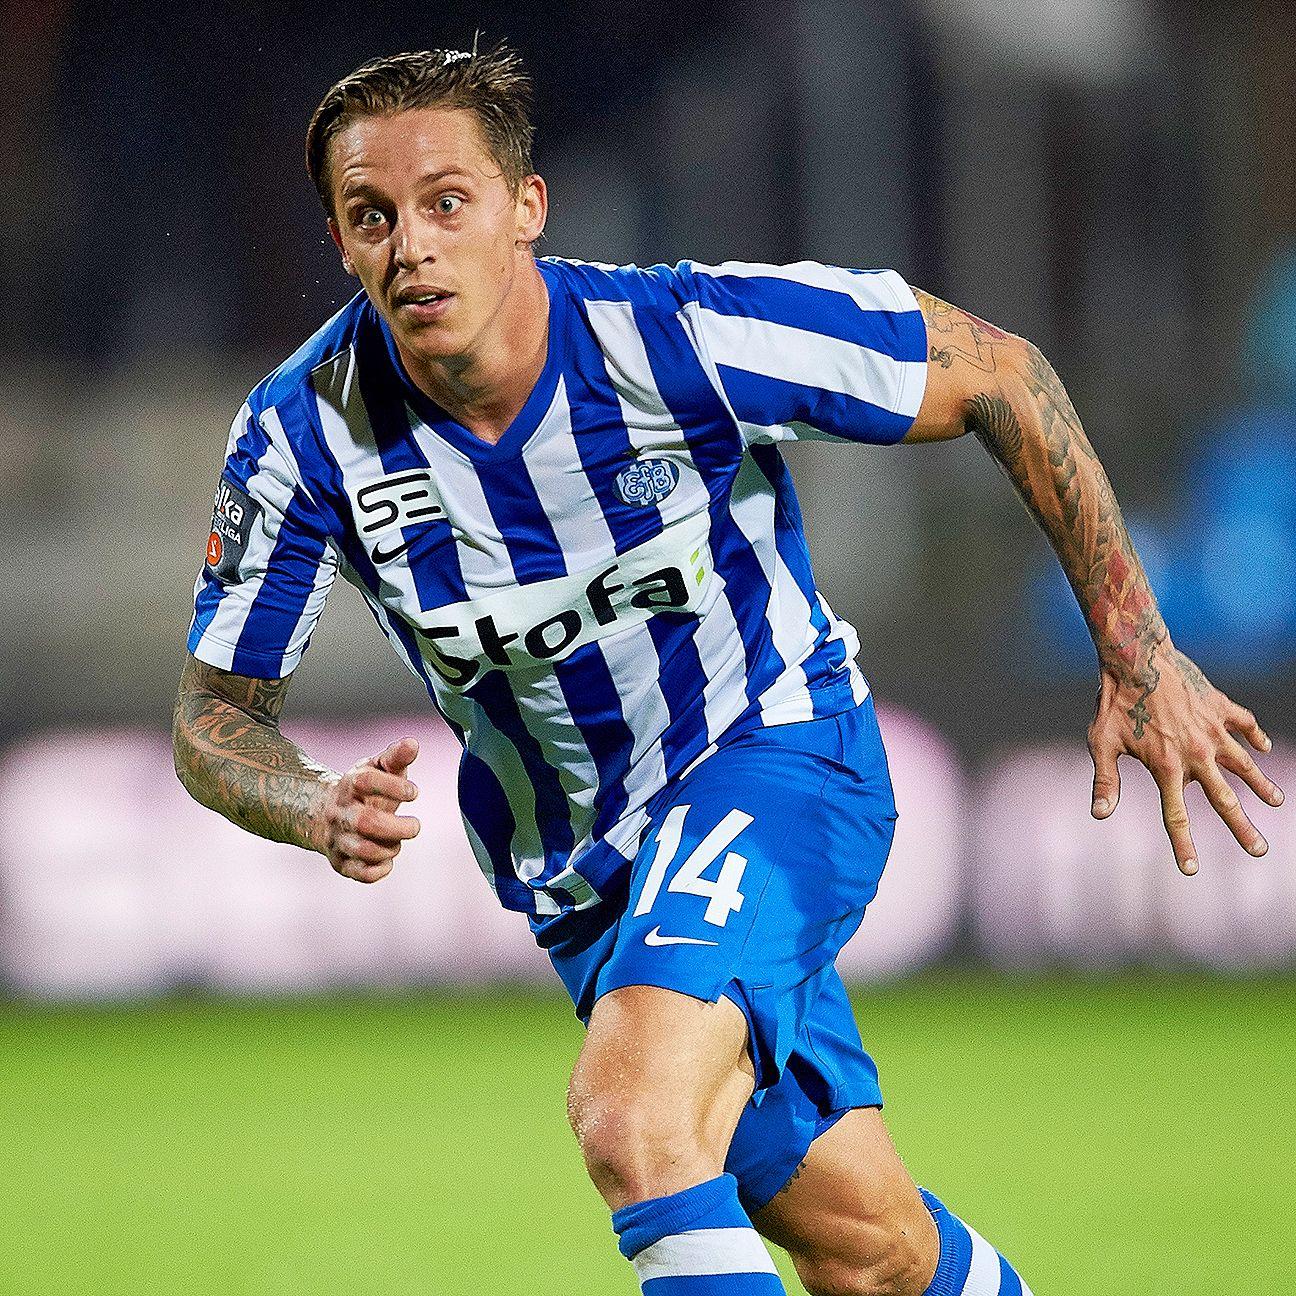 Nicki Bille Nielsen scored both goals for Esbjerg against Hobro on Monday.